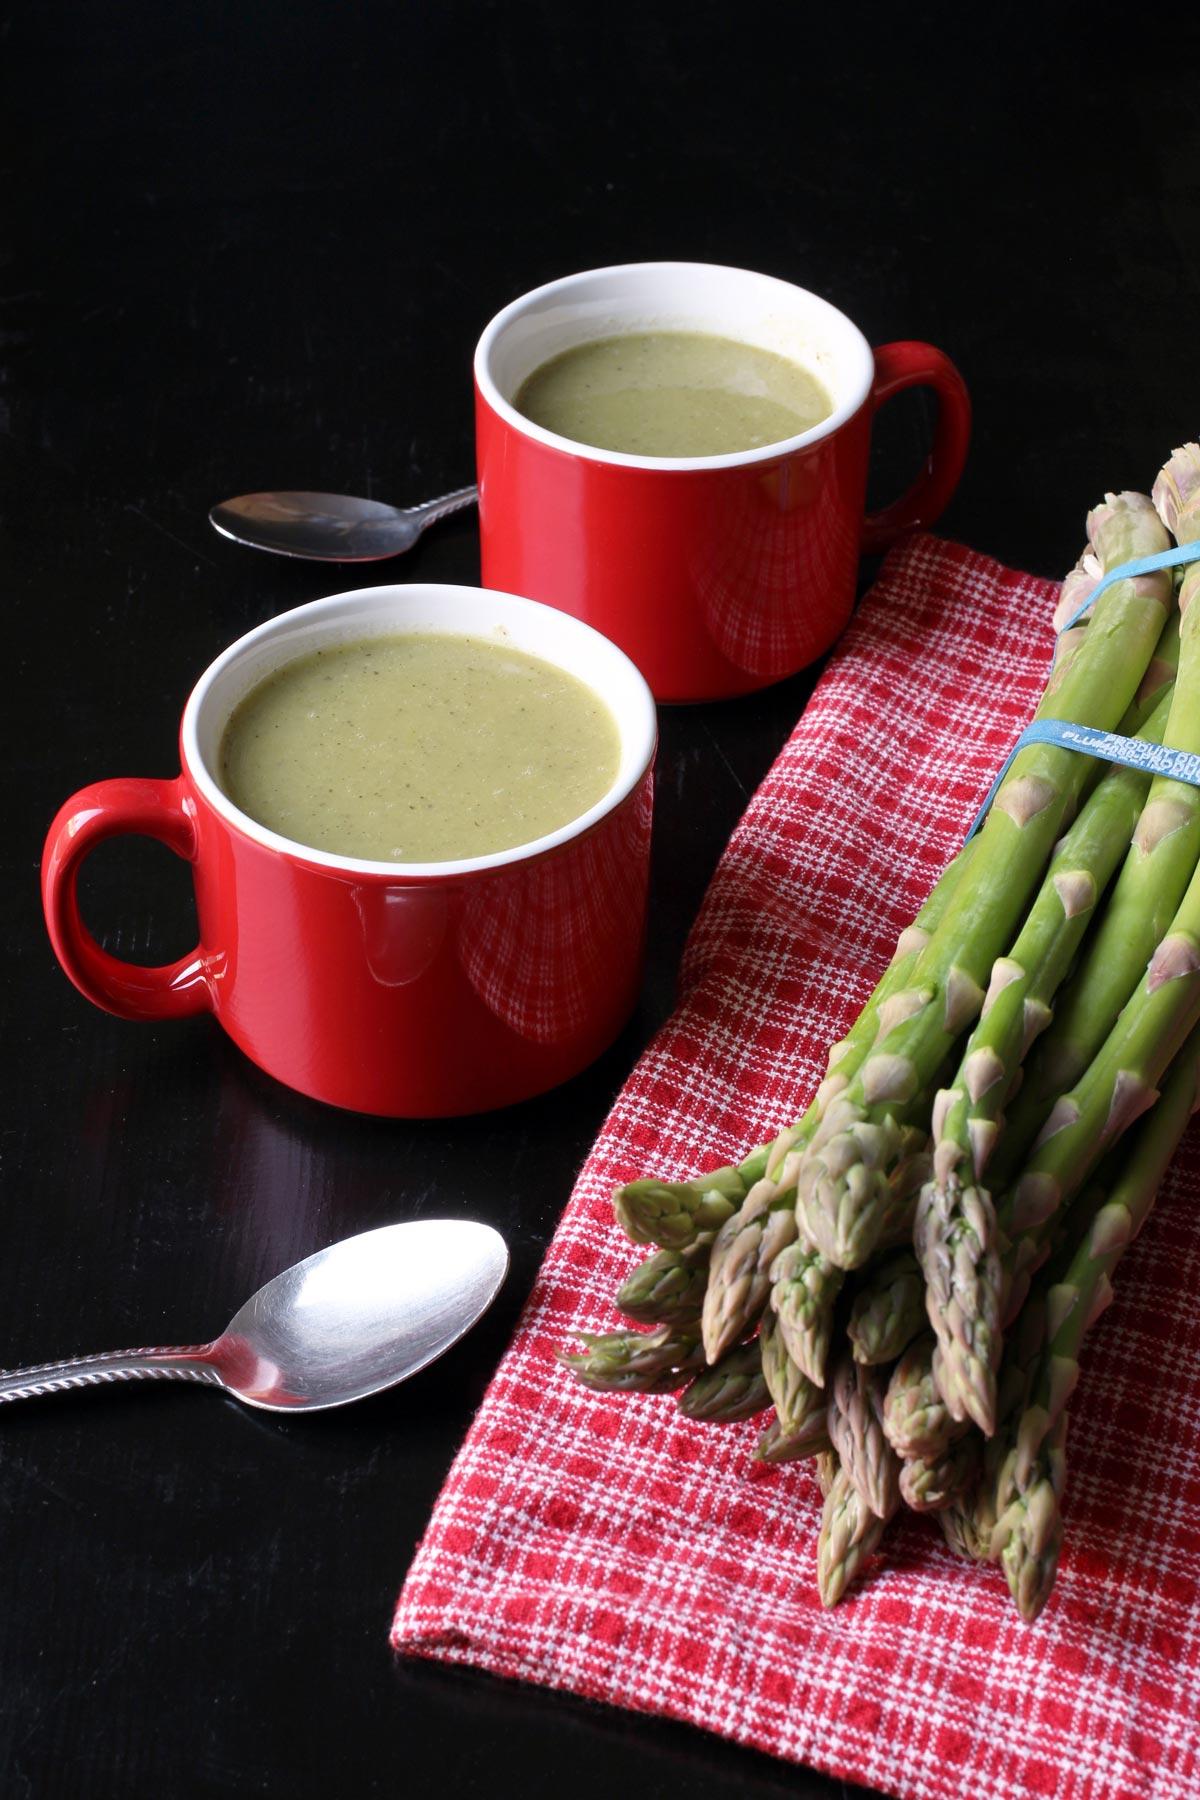 asparagus next to mugs of soup